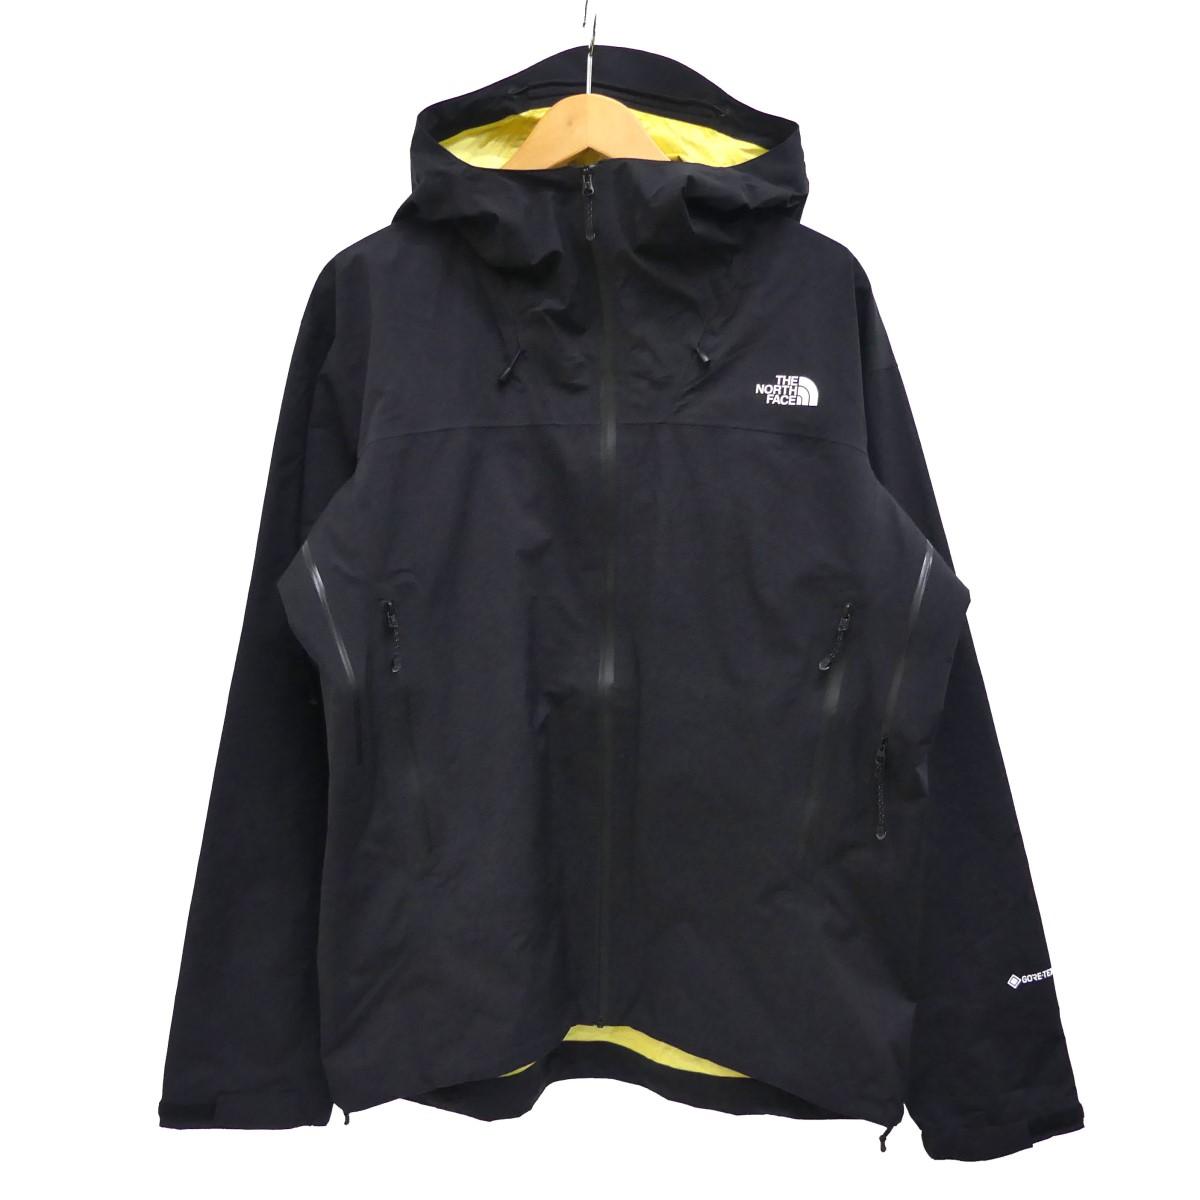 【中古】THE NORTH FACE Super Climb Jacket マウンテンパーカー ブラック サイズ:L 【210420】(ザノースフェイス)